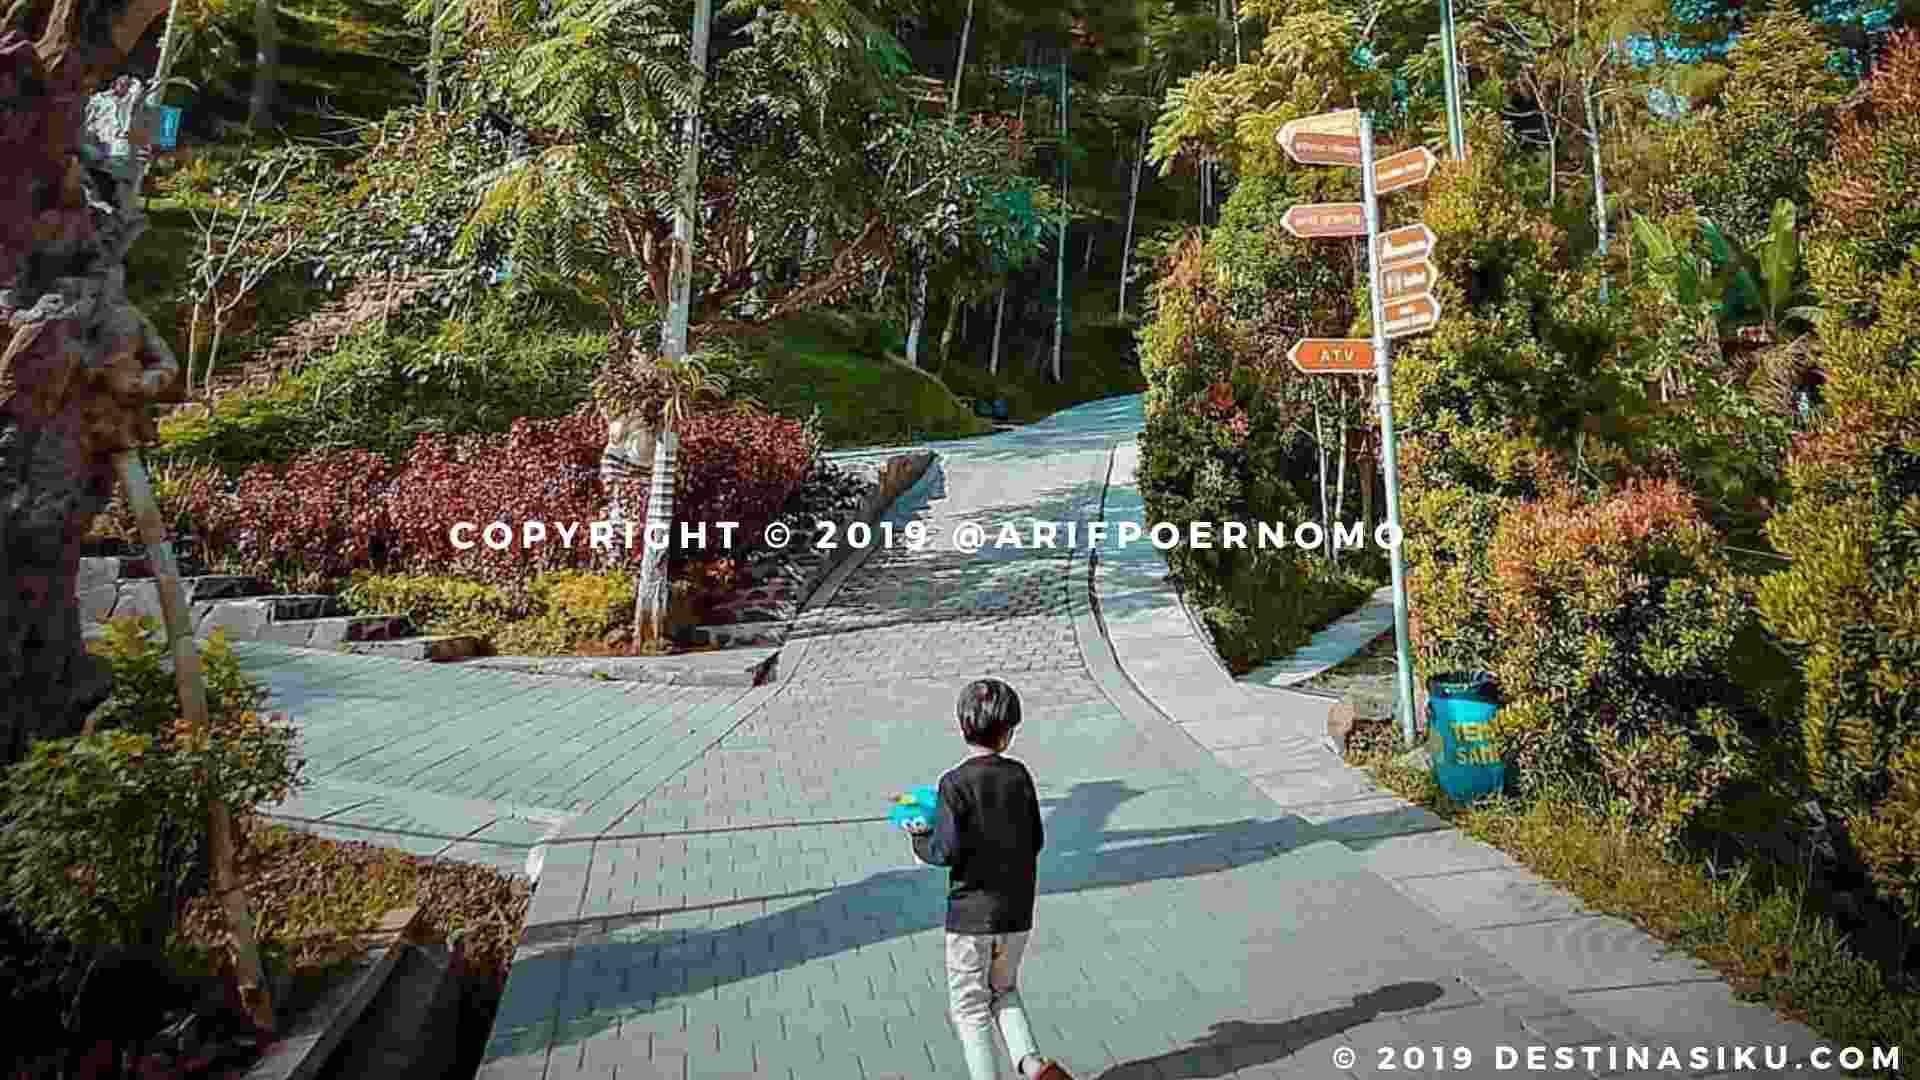 dago dream park boleh bawa makanan